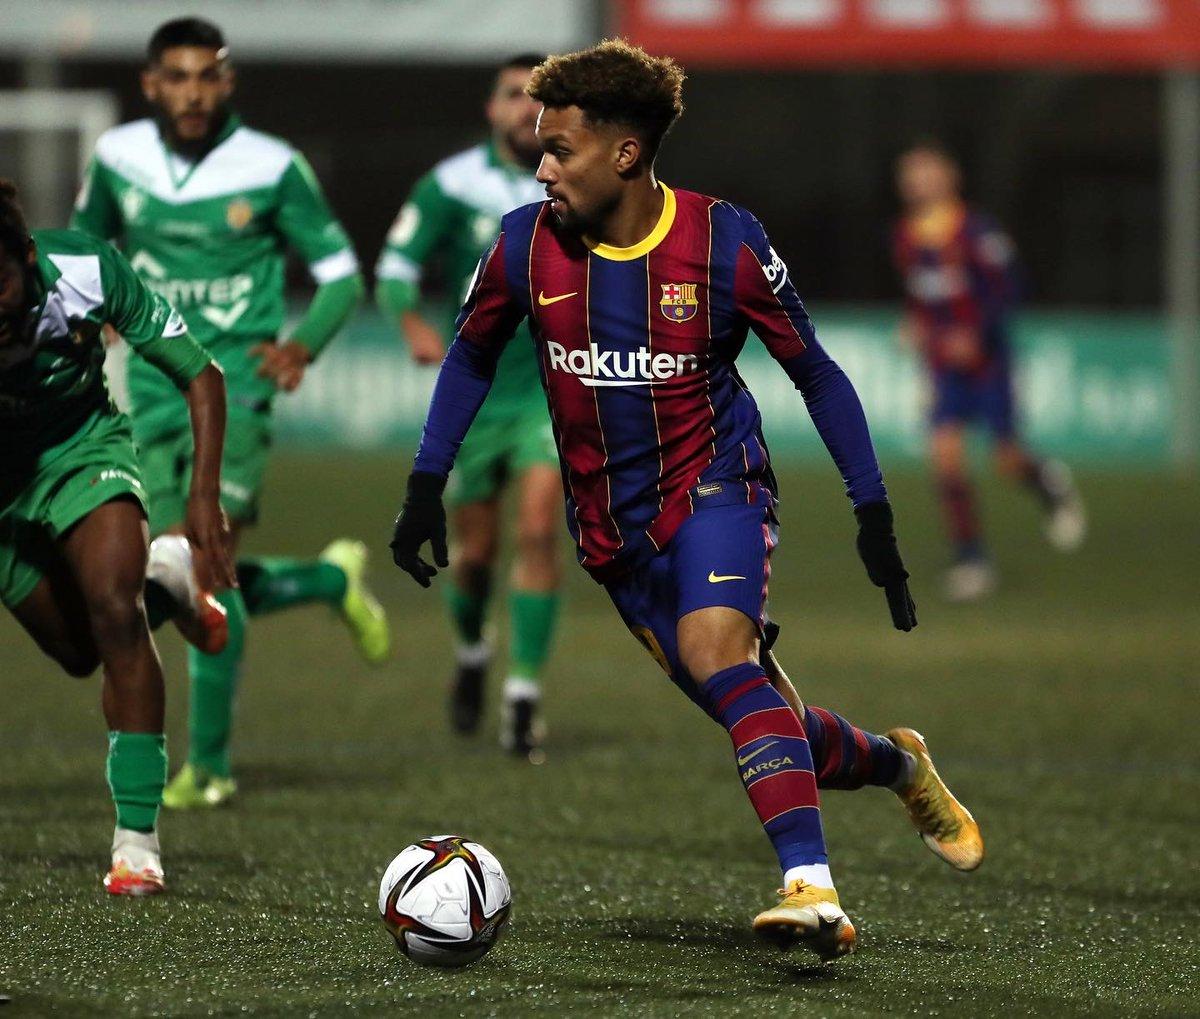 💥 @konradjr i @oscarmingueza van debutar a la Copa del Rei   💥 Konrad y Òscar Mingueza debutaron en la Copa del Rey  👏 Felicidades, chicos! Enhorabona!   💙❤️ MADE IN LA MASIA ❤️💙  #ForçaBarça 💙❤️